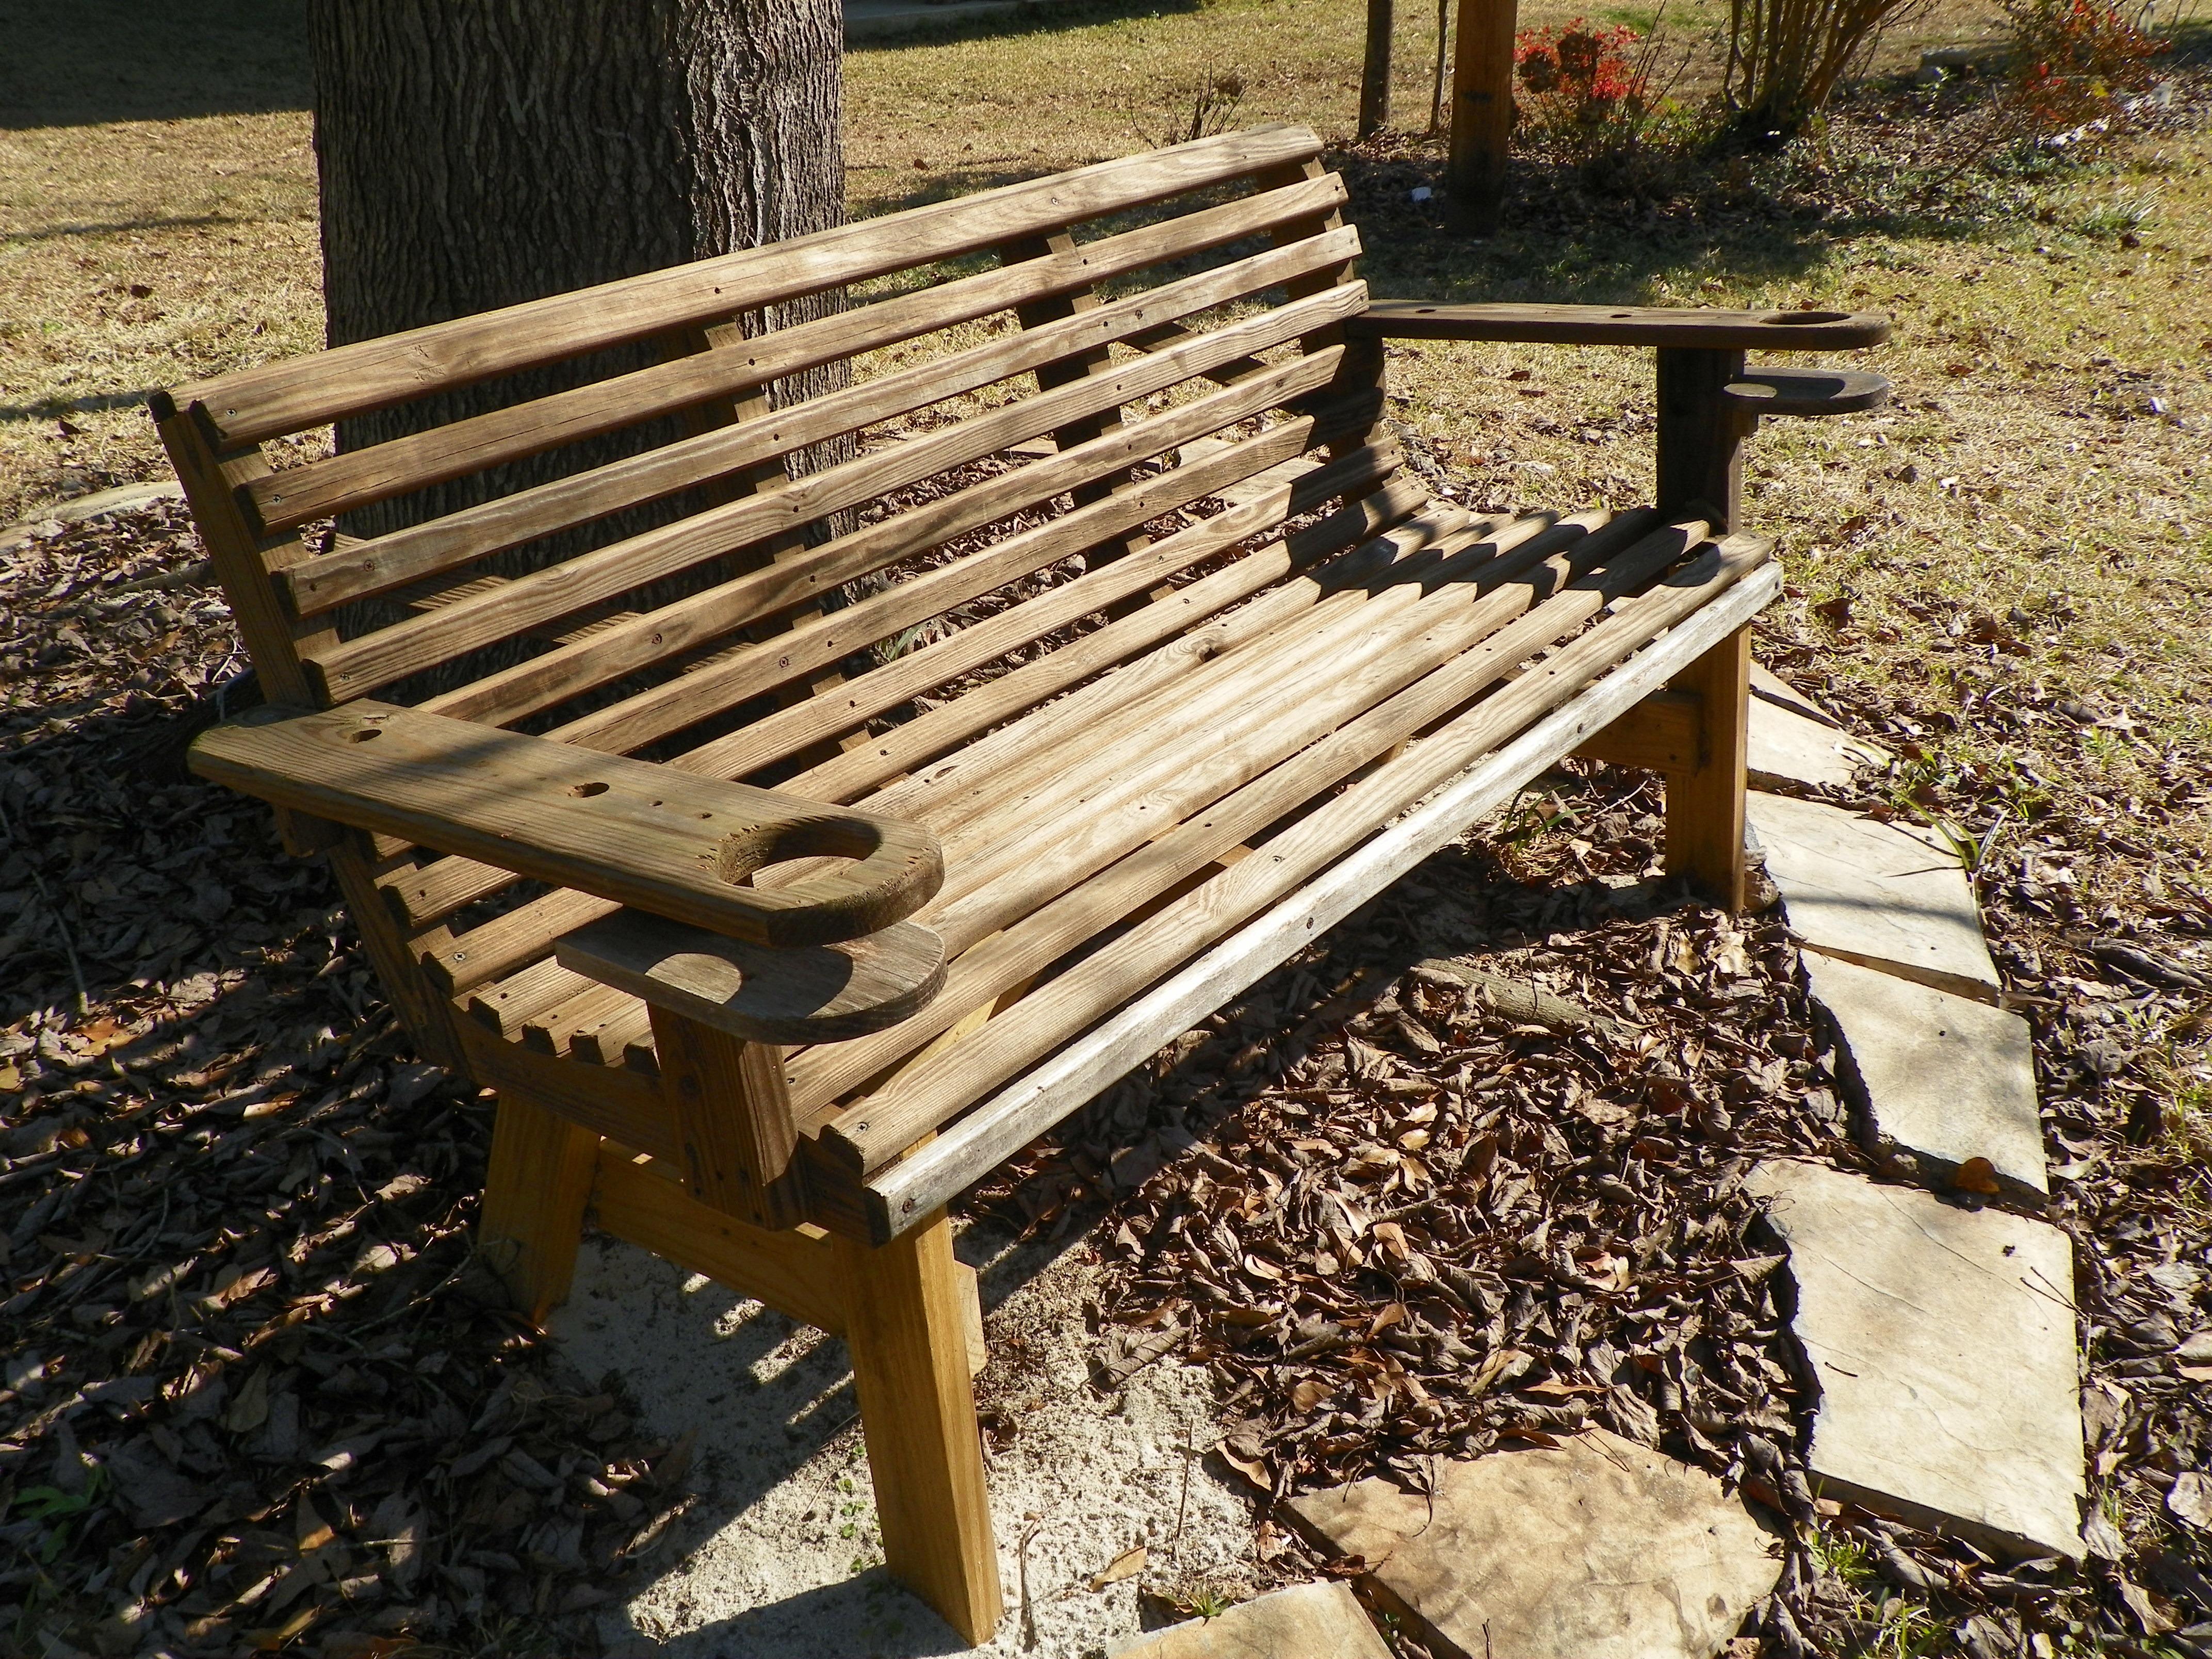 Tabelle Draussen Holz Bank Entspannen Sie Sich Sitzung Park Hinterhof Sich  Ausruhen Möbel Entspannung Hölzern Ruhen